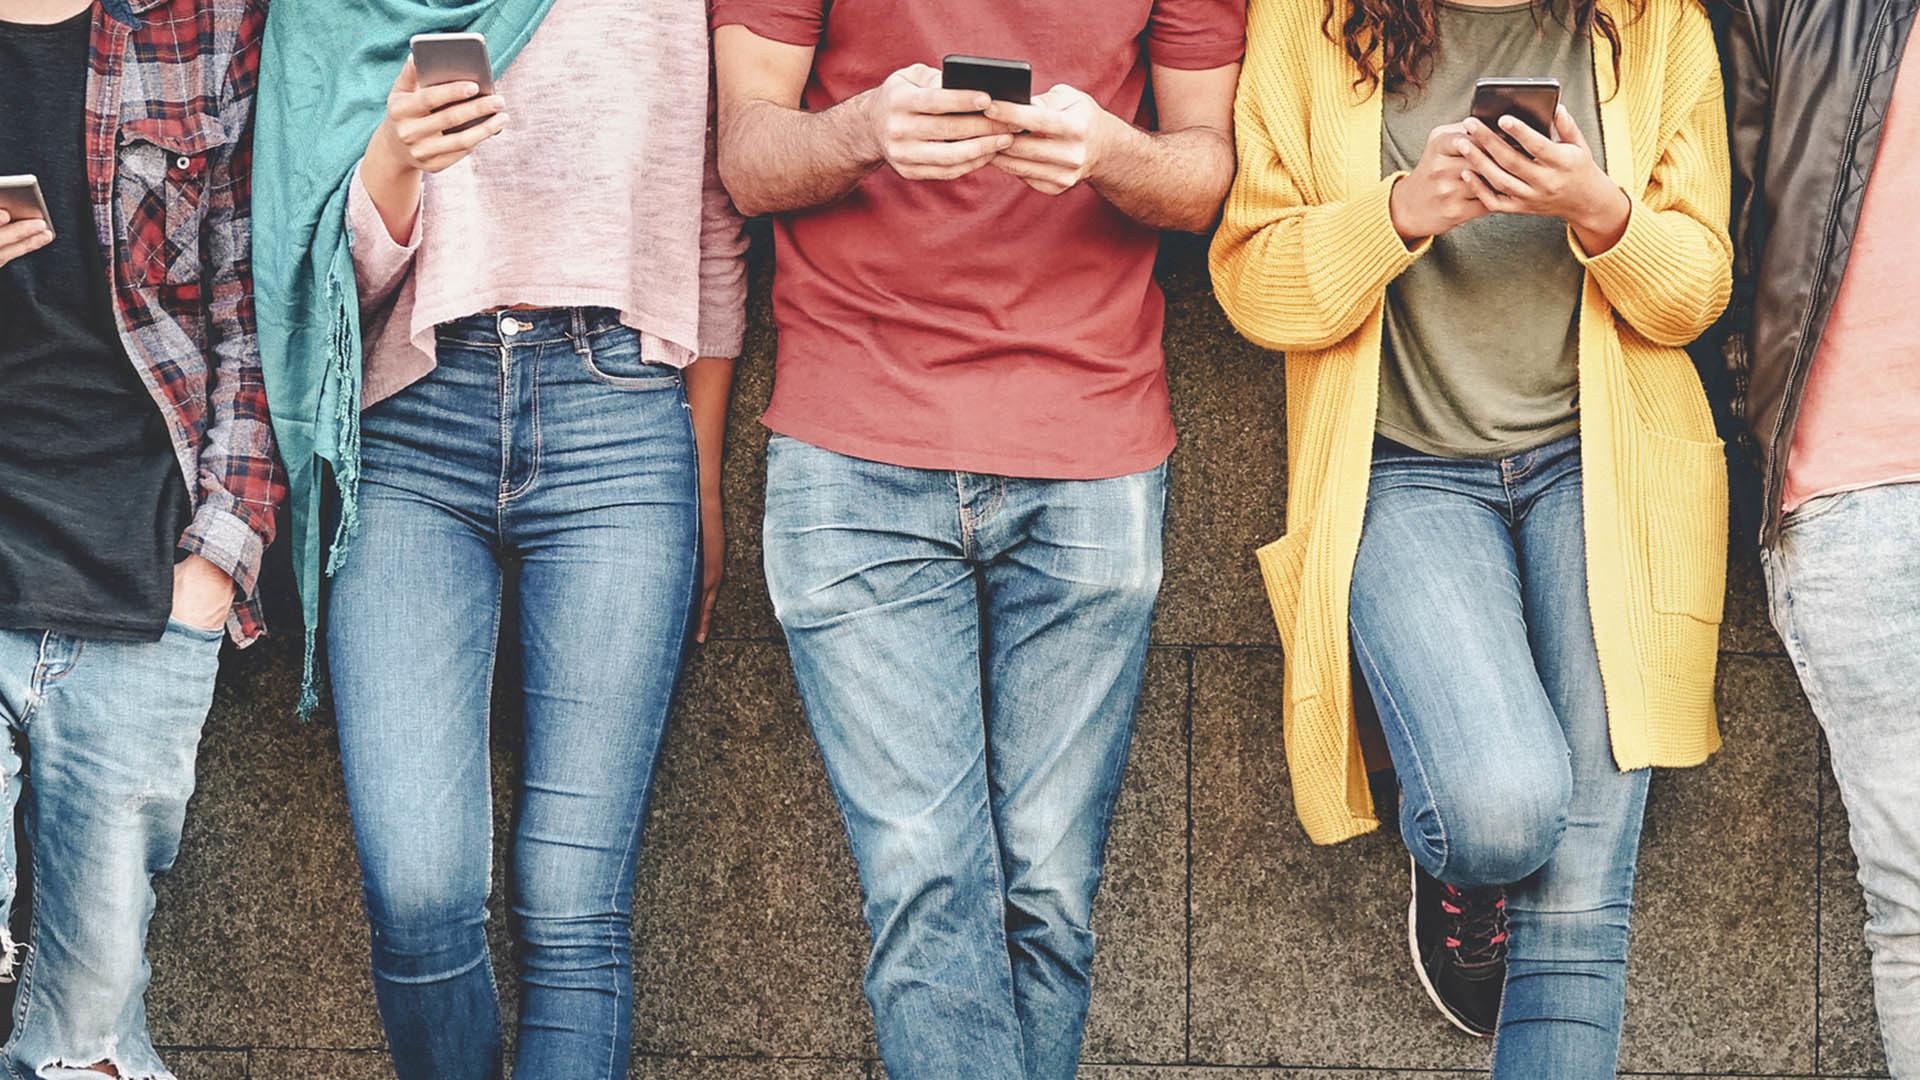 BBVA-moviles-era-digital-sigloXXI-revolución-tecnologica